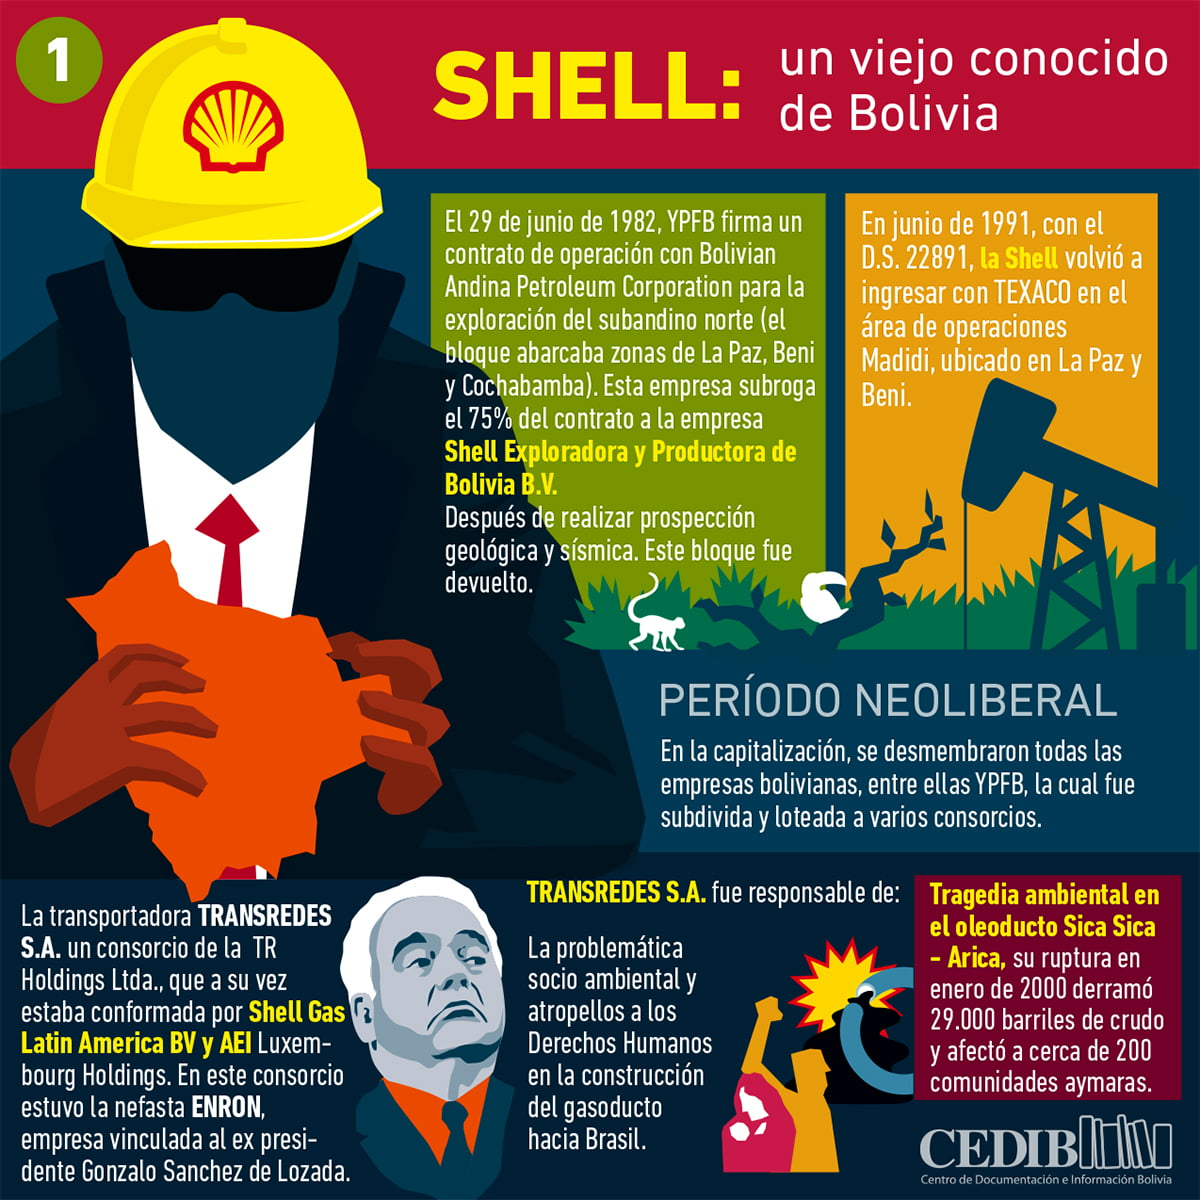 La semana pasada varios medios de comunicación informaron sobre el retorno de Shell a Bolivia. Hemos preparado este material para recordar el paso de esta empresa por Bolivia y el mundo. Para que no se nos olvide.